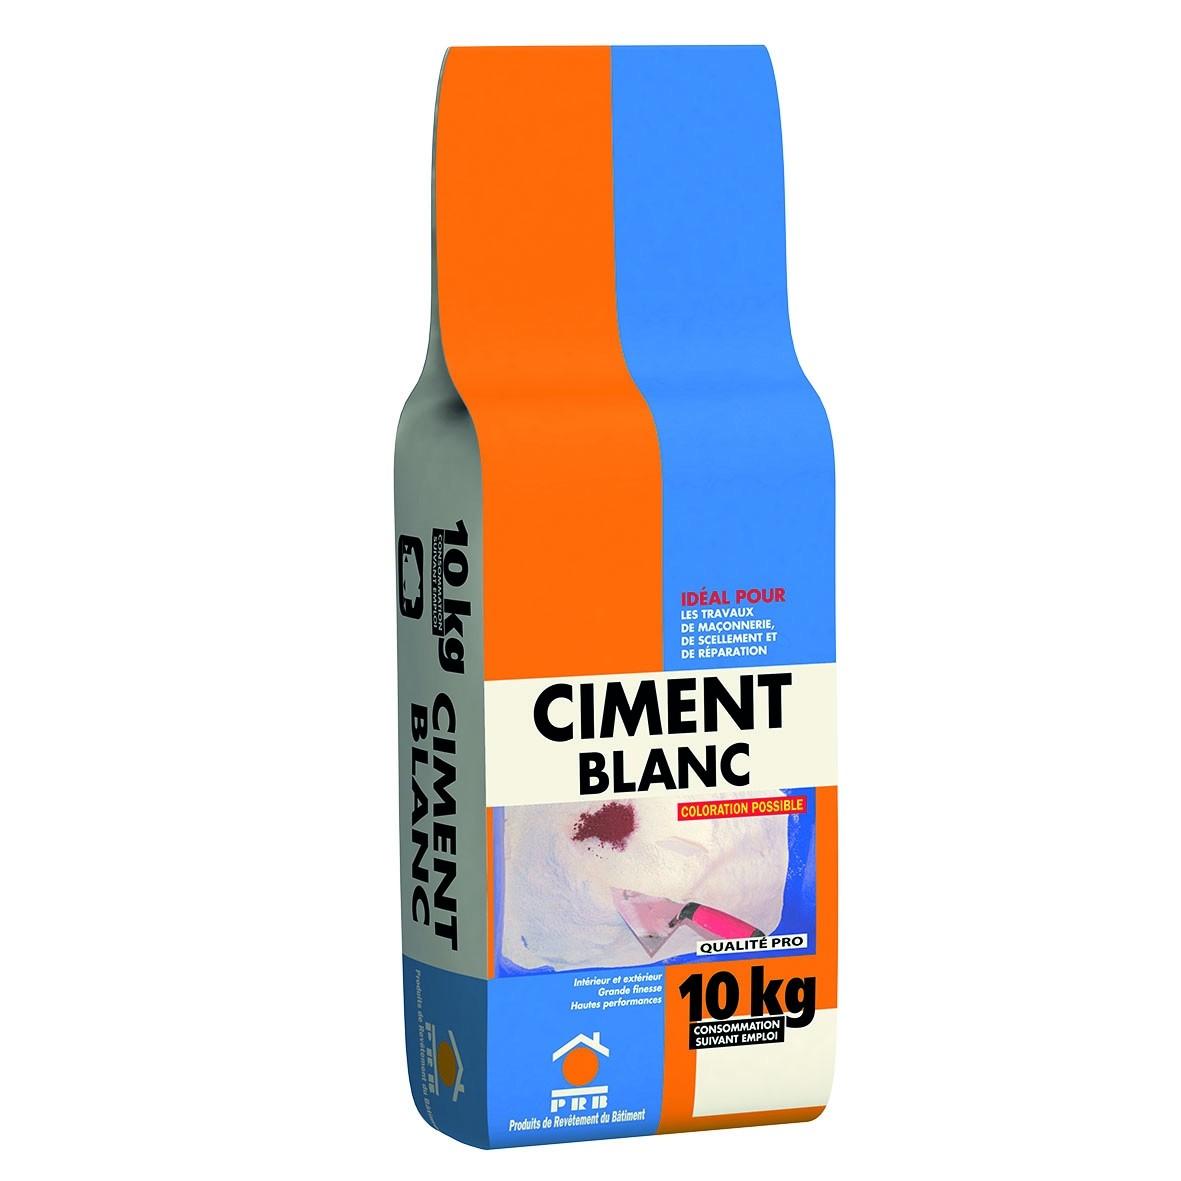 PRB CIMENT BLANC 10 KG